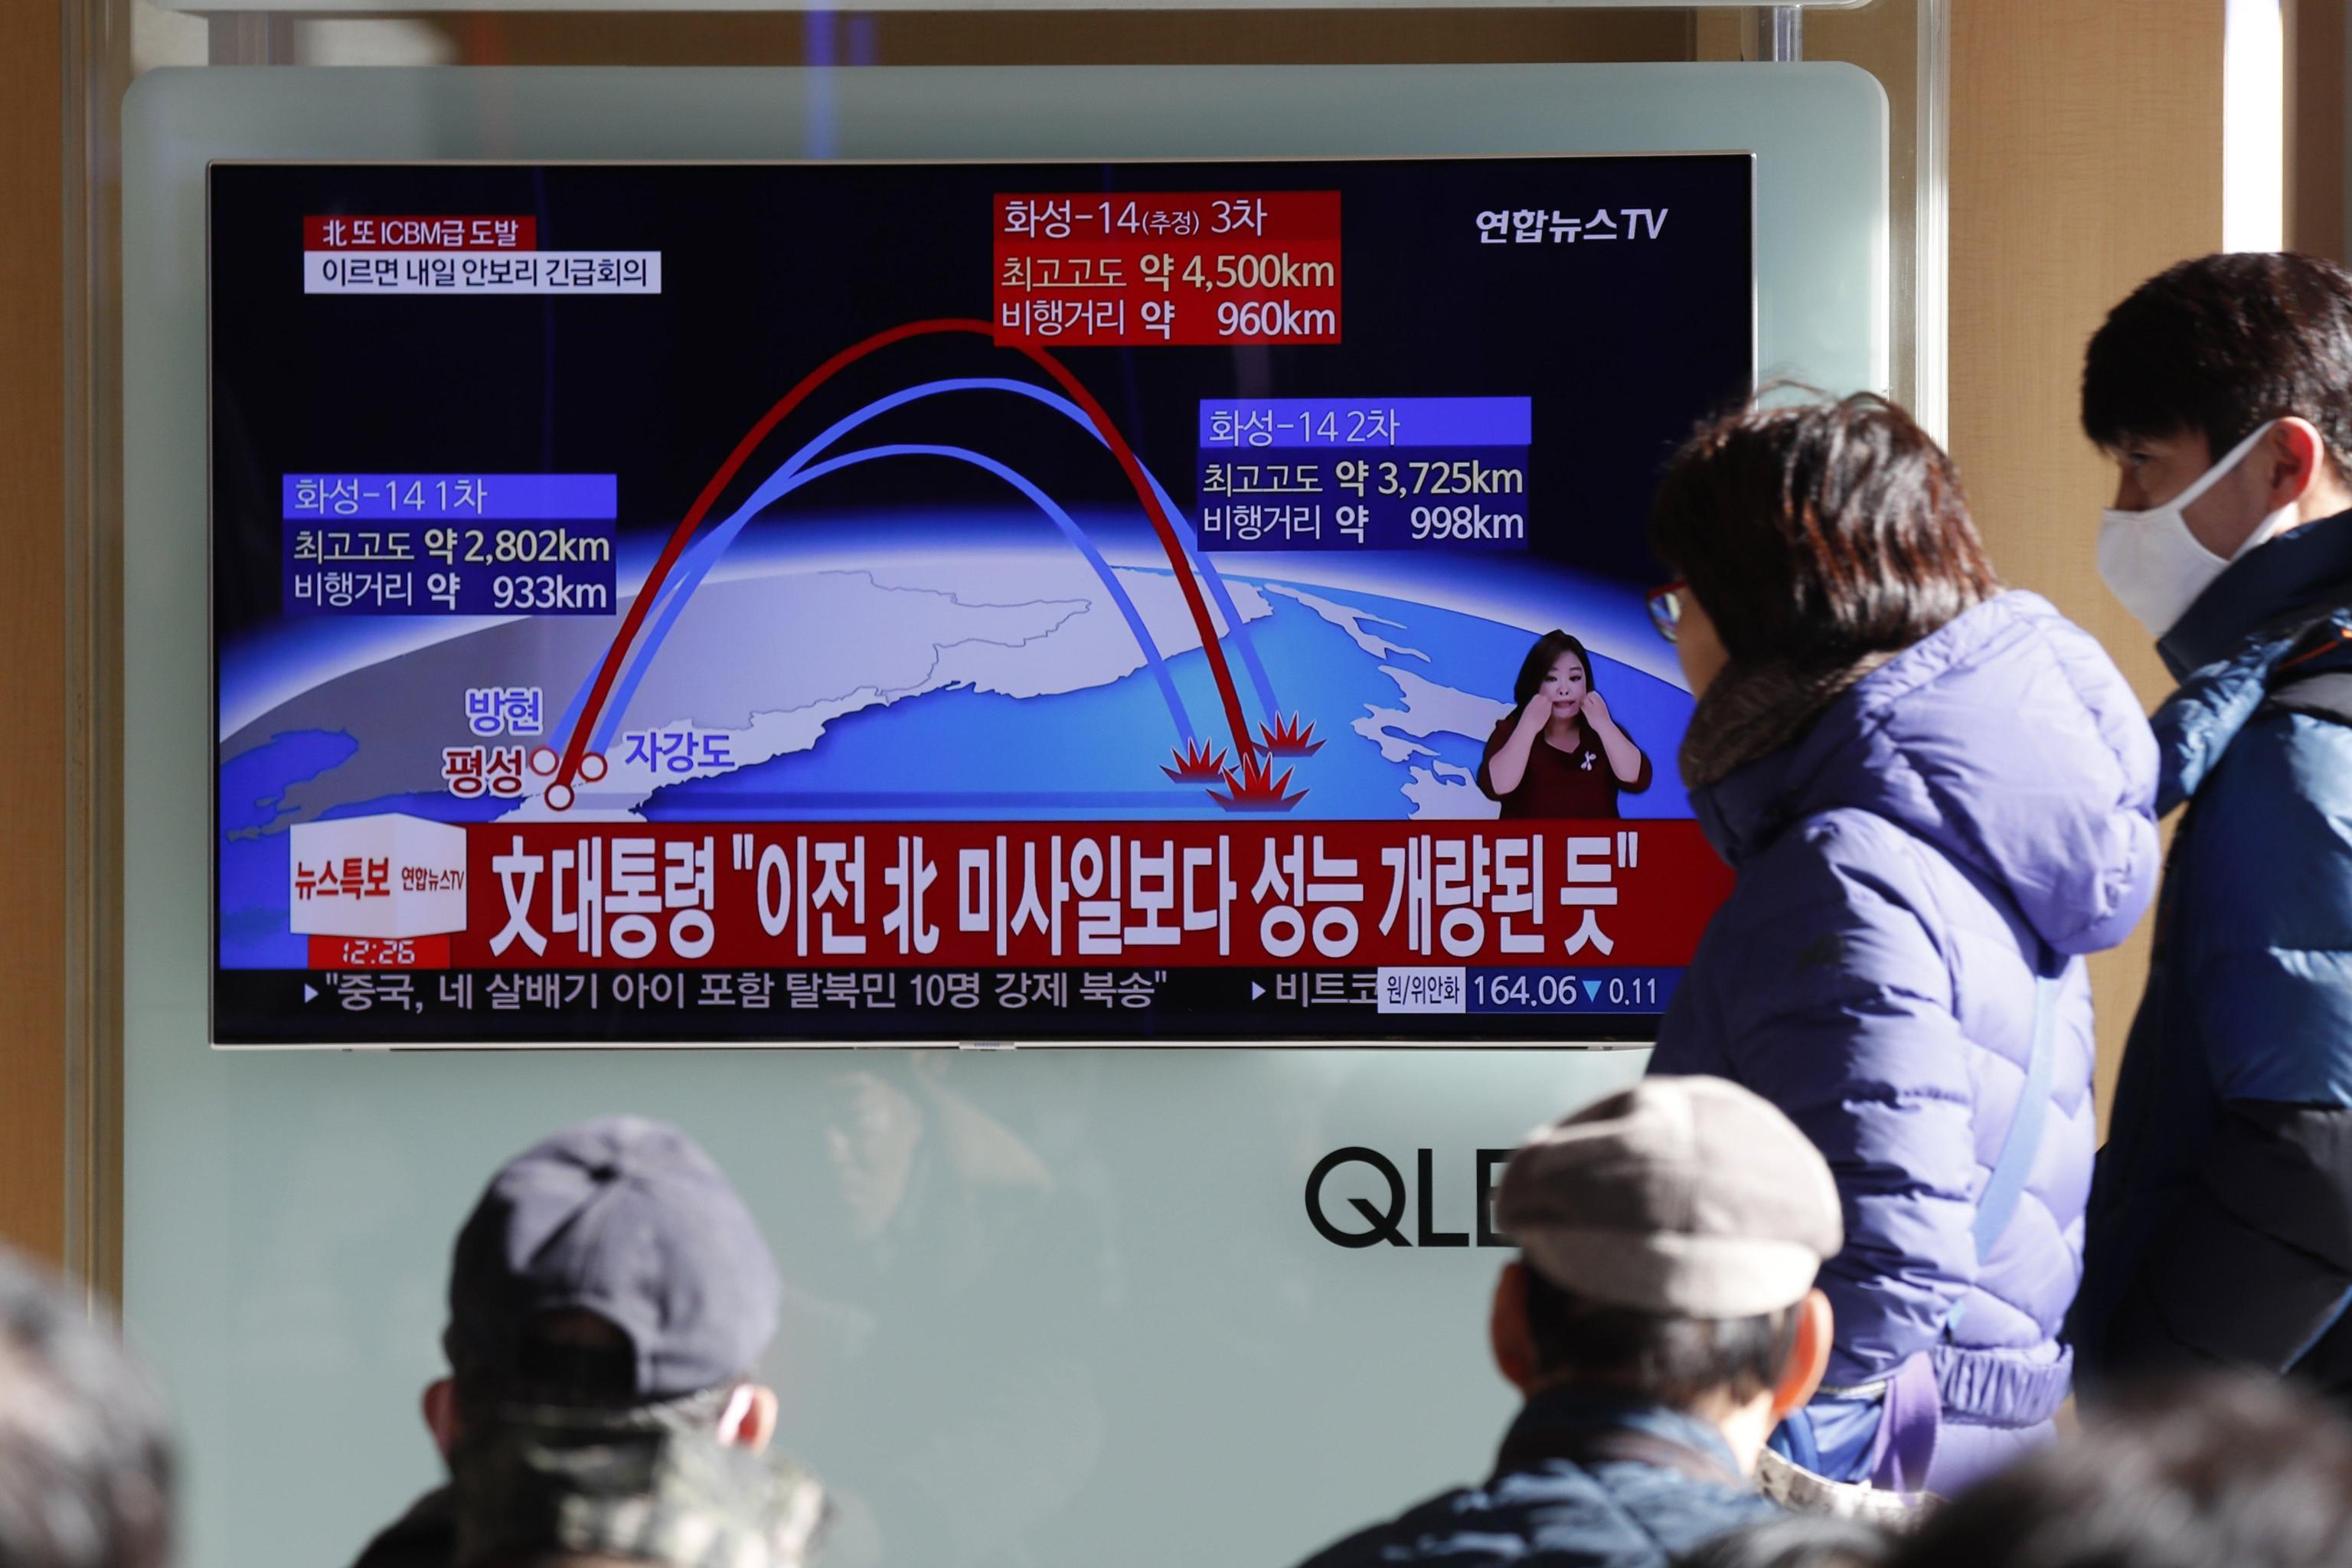 'Abbiamo visto il missile di Kim': paura sull'aereo Cathay in volo nei cieli del Giappone